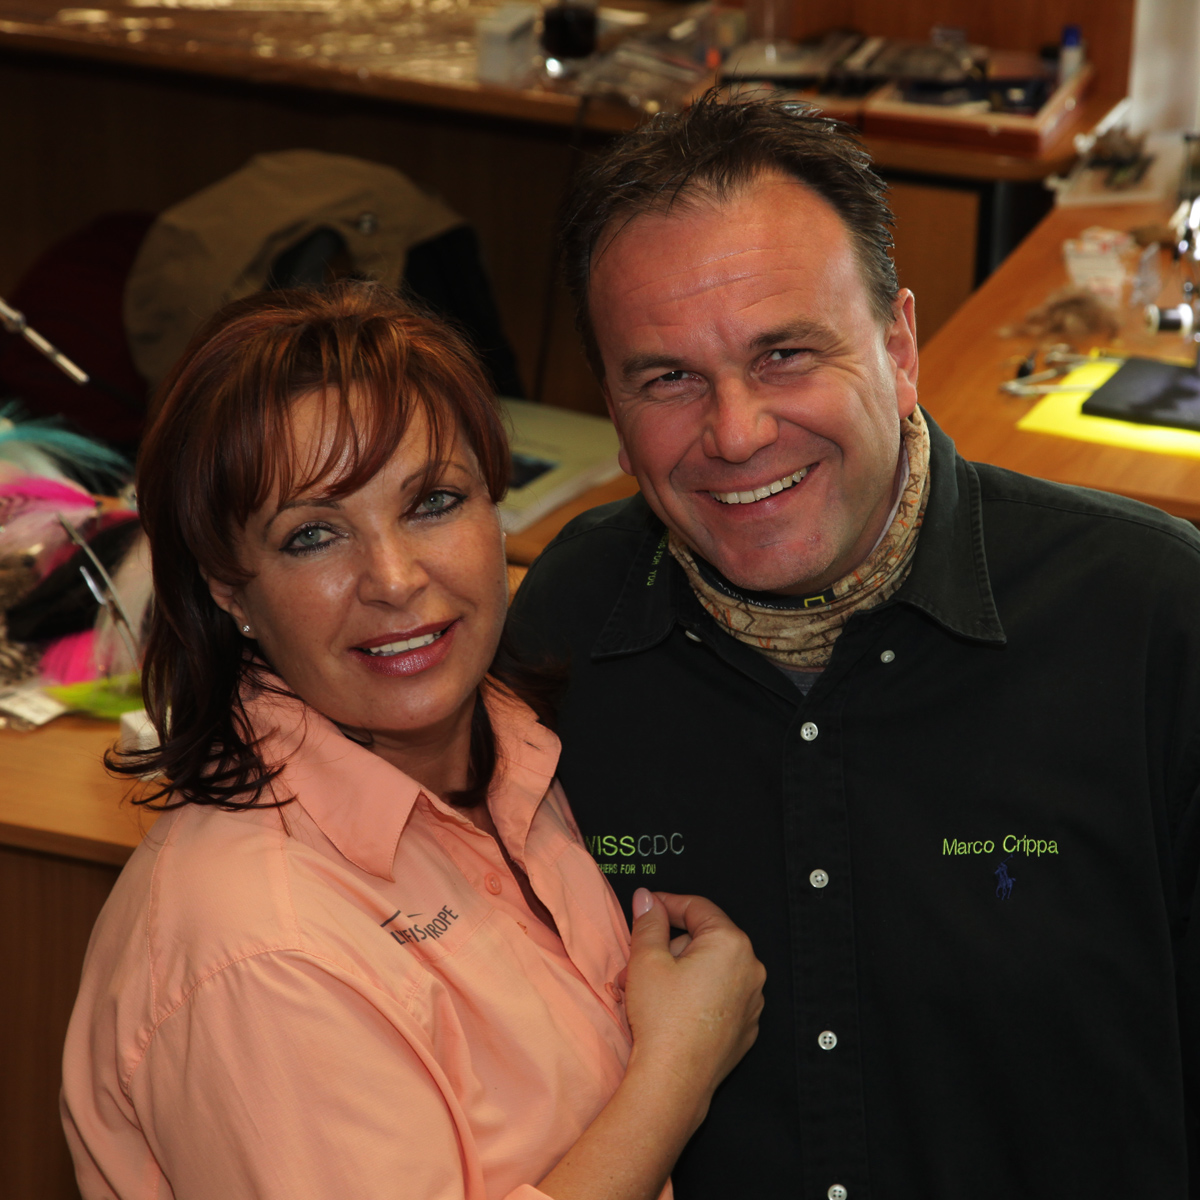 Mirjana Pavlic und Marco Crippa von Swiss CDC